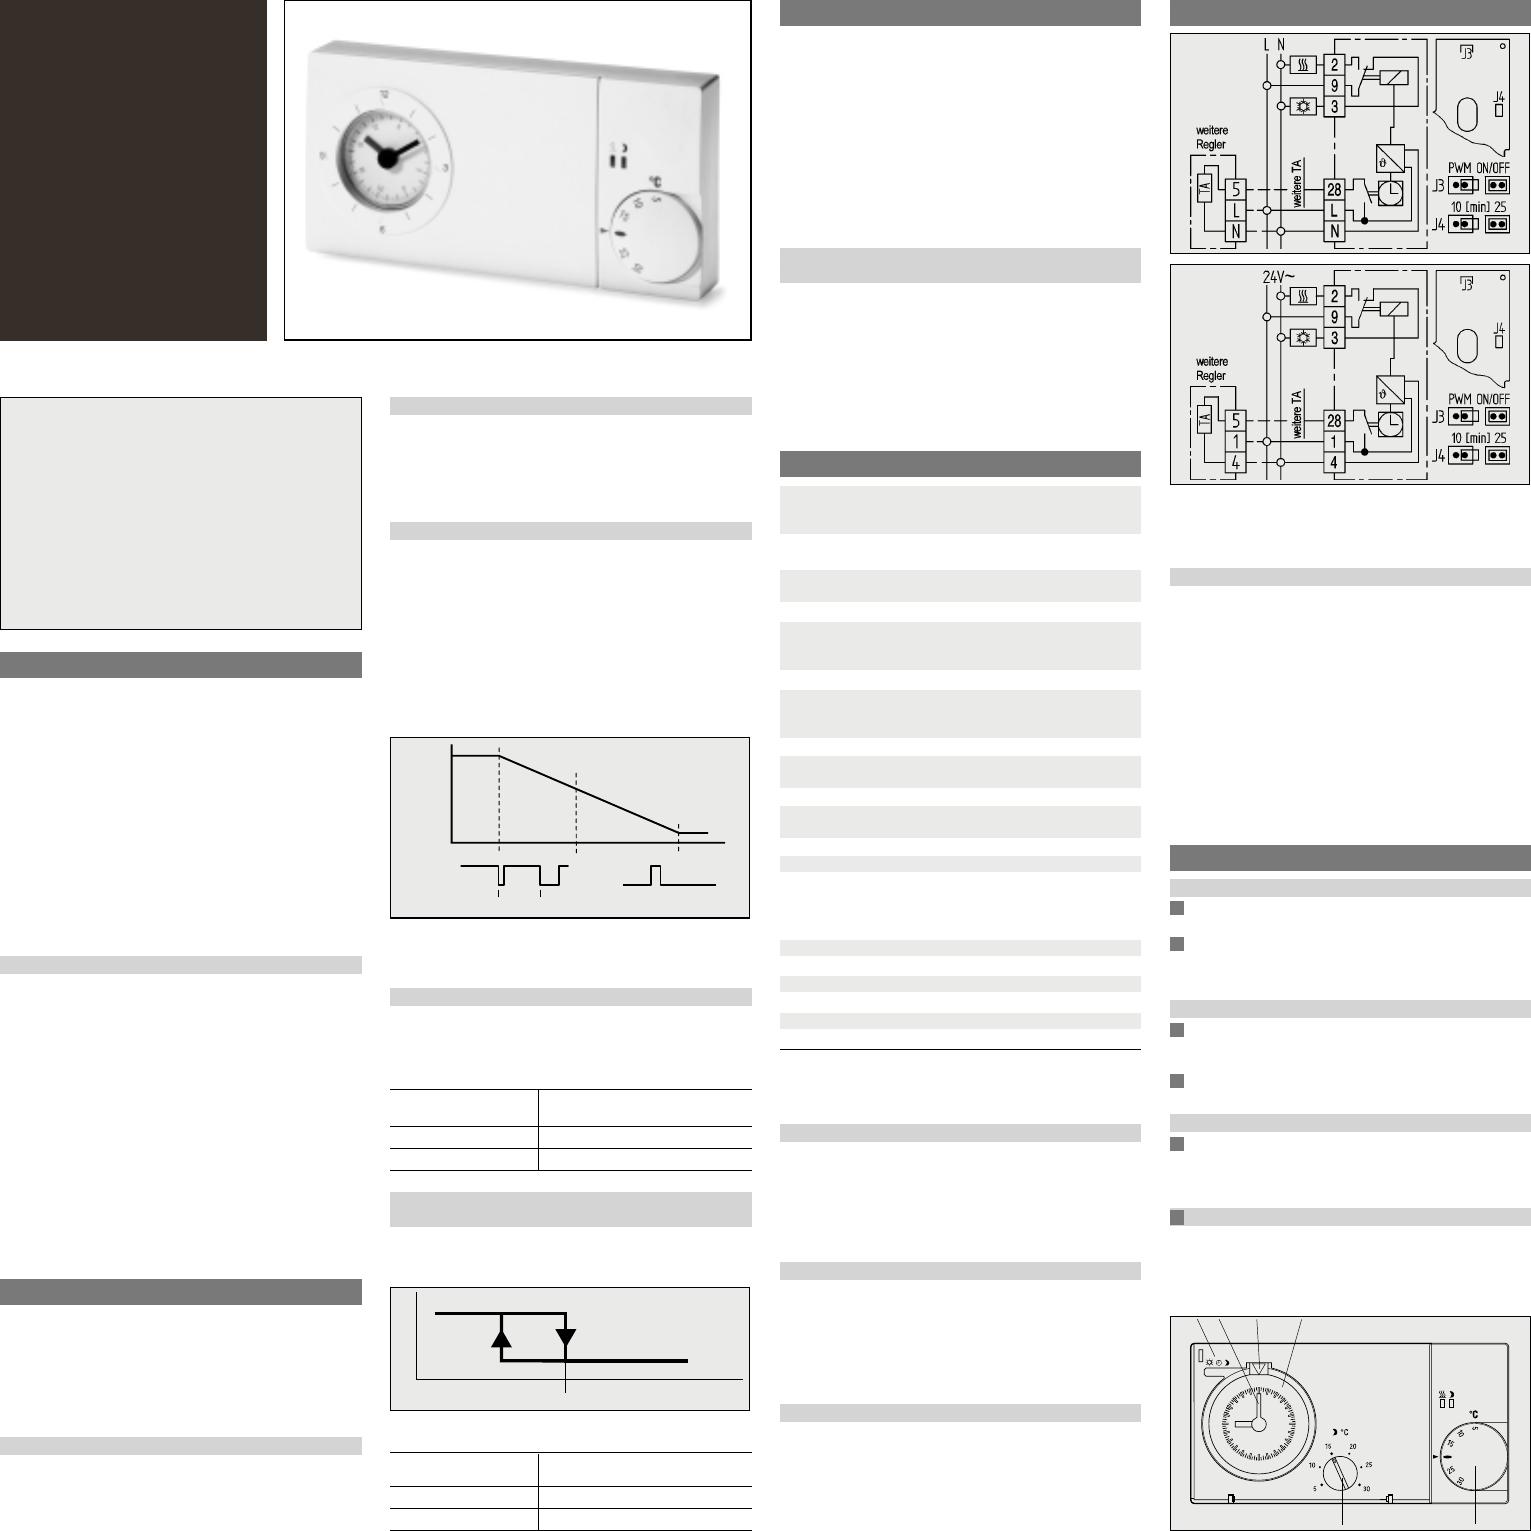 bedienungsanleitung eberle easy 3pt seite 1 von 3. Black Bedroom Furniture Sets. Home Design Ideas